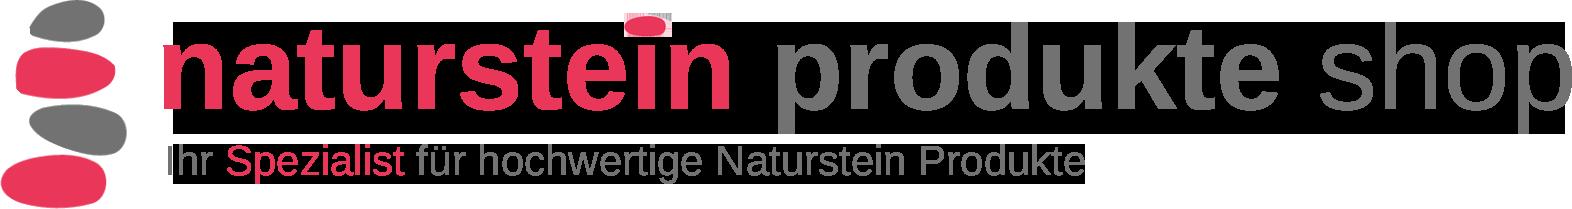 Naturstein Produkte Shop